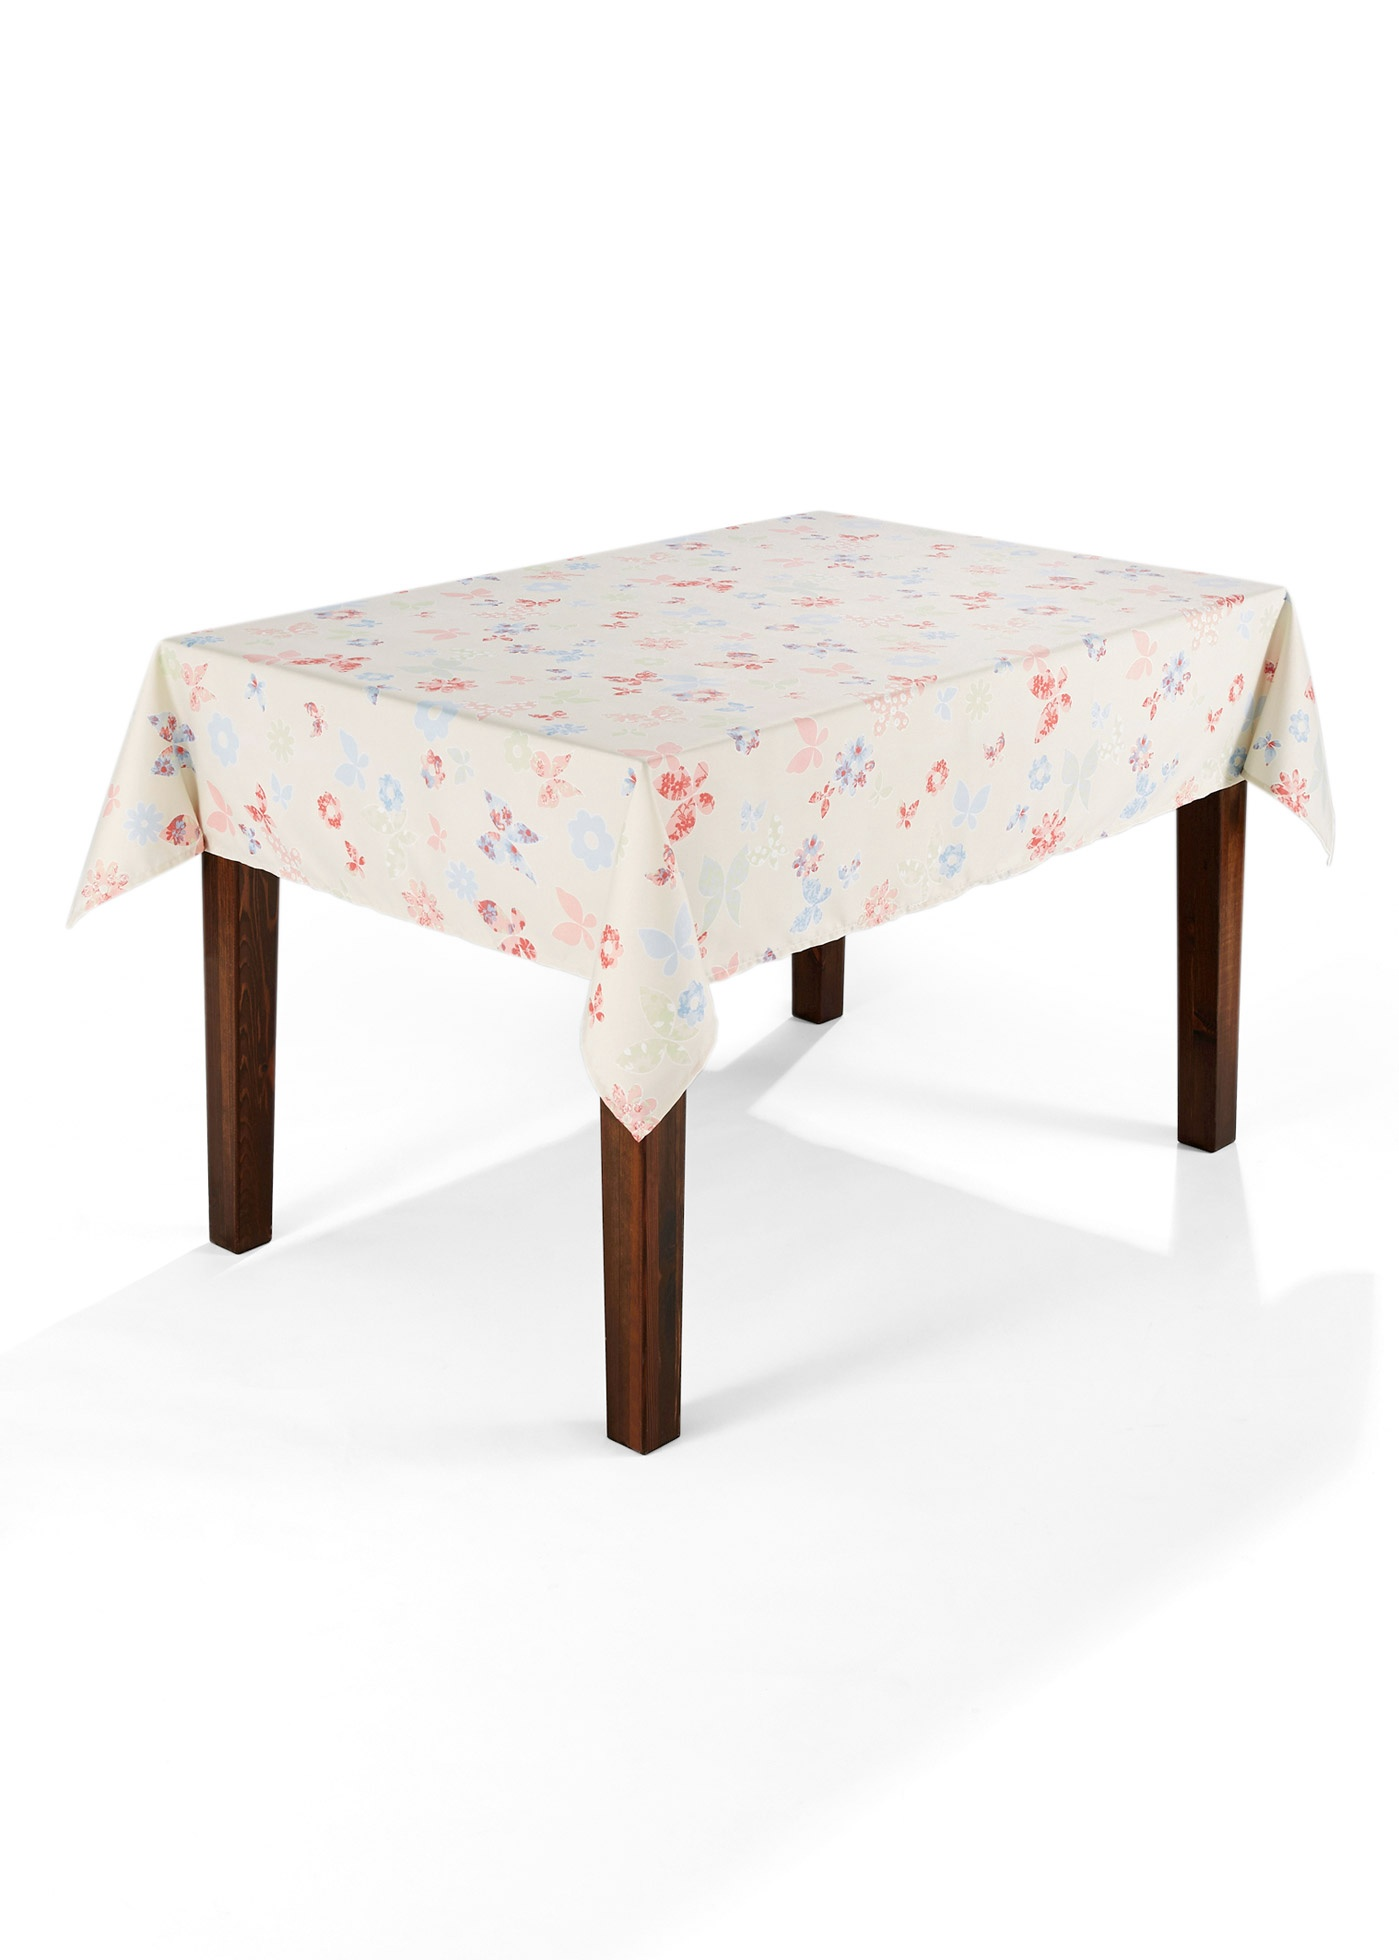 garten tischdecken abwaschbar preisvergleiche. Black Bedroom Furniture Sets. Home Design Ideas